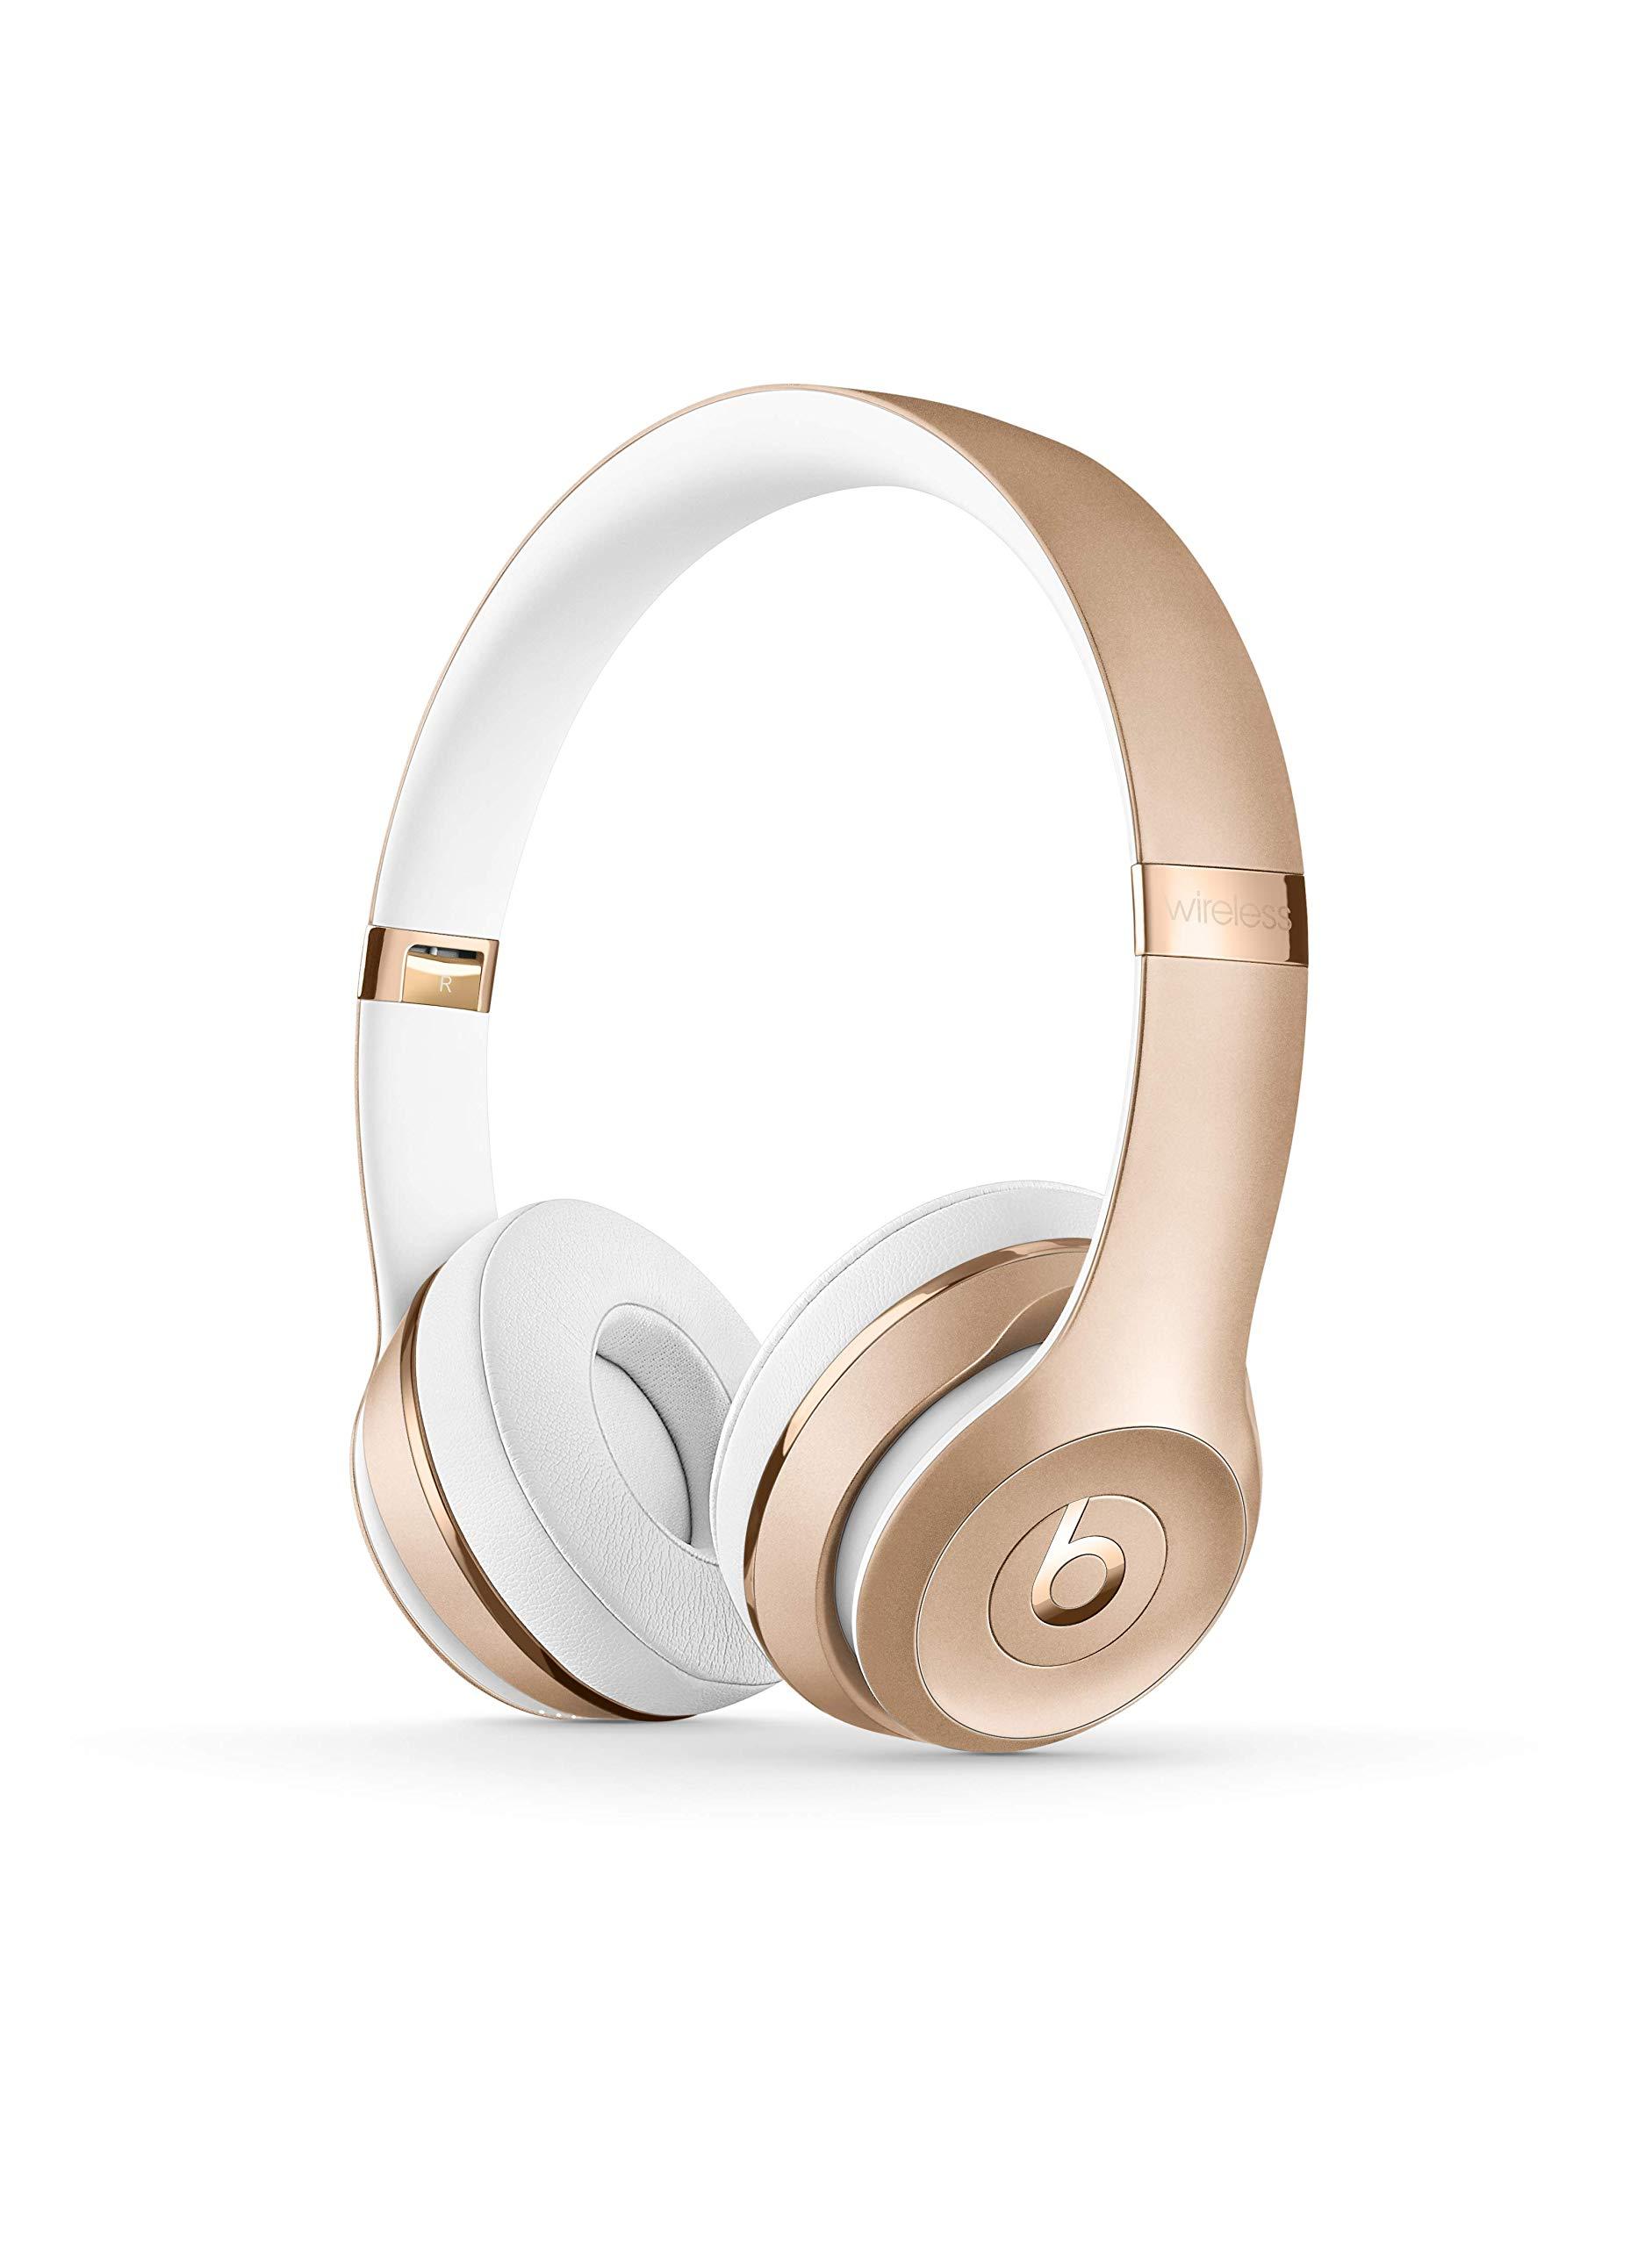 Beats Solo3 Wireless On-Ear Headphones - Gold by Beats